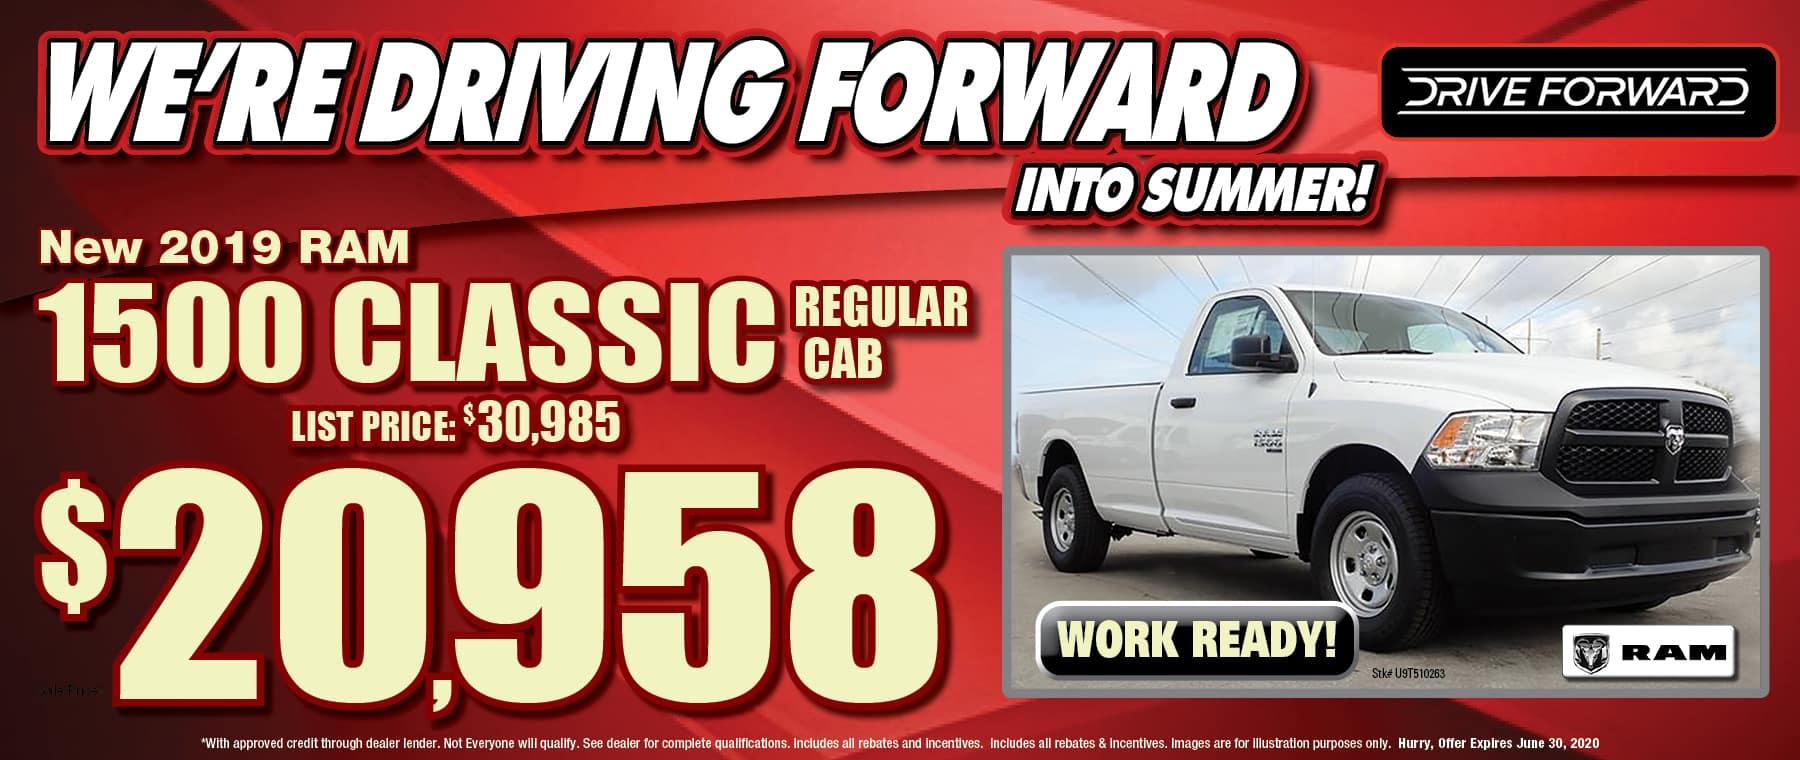 Regular Cab Classic!